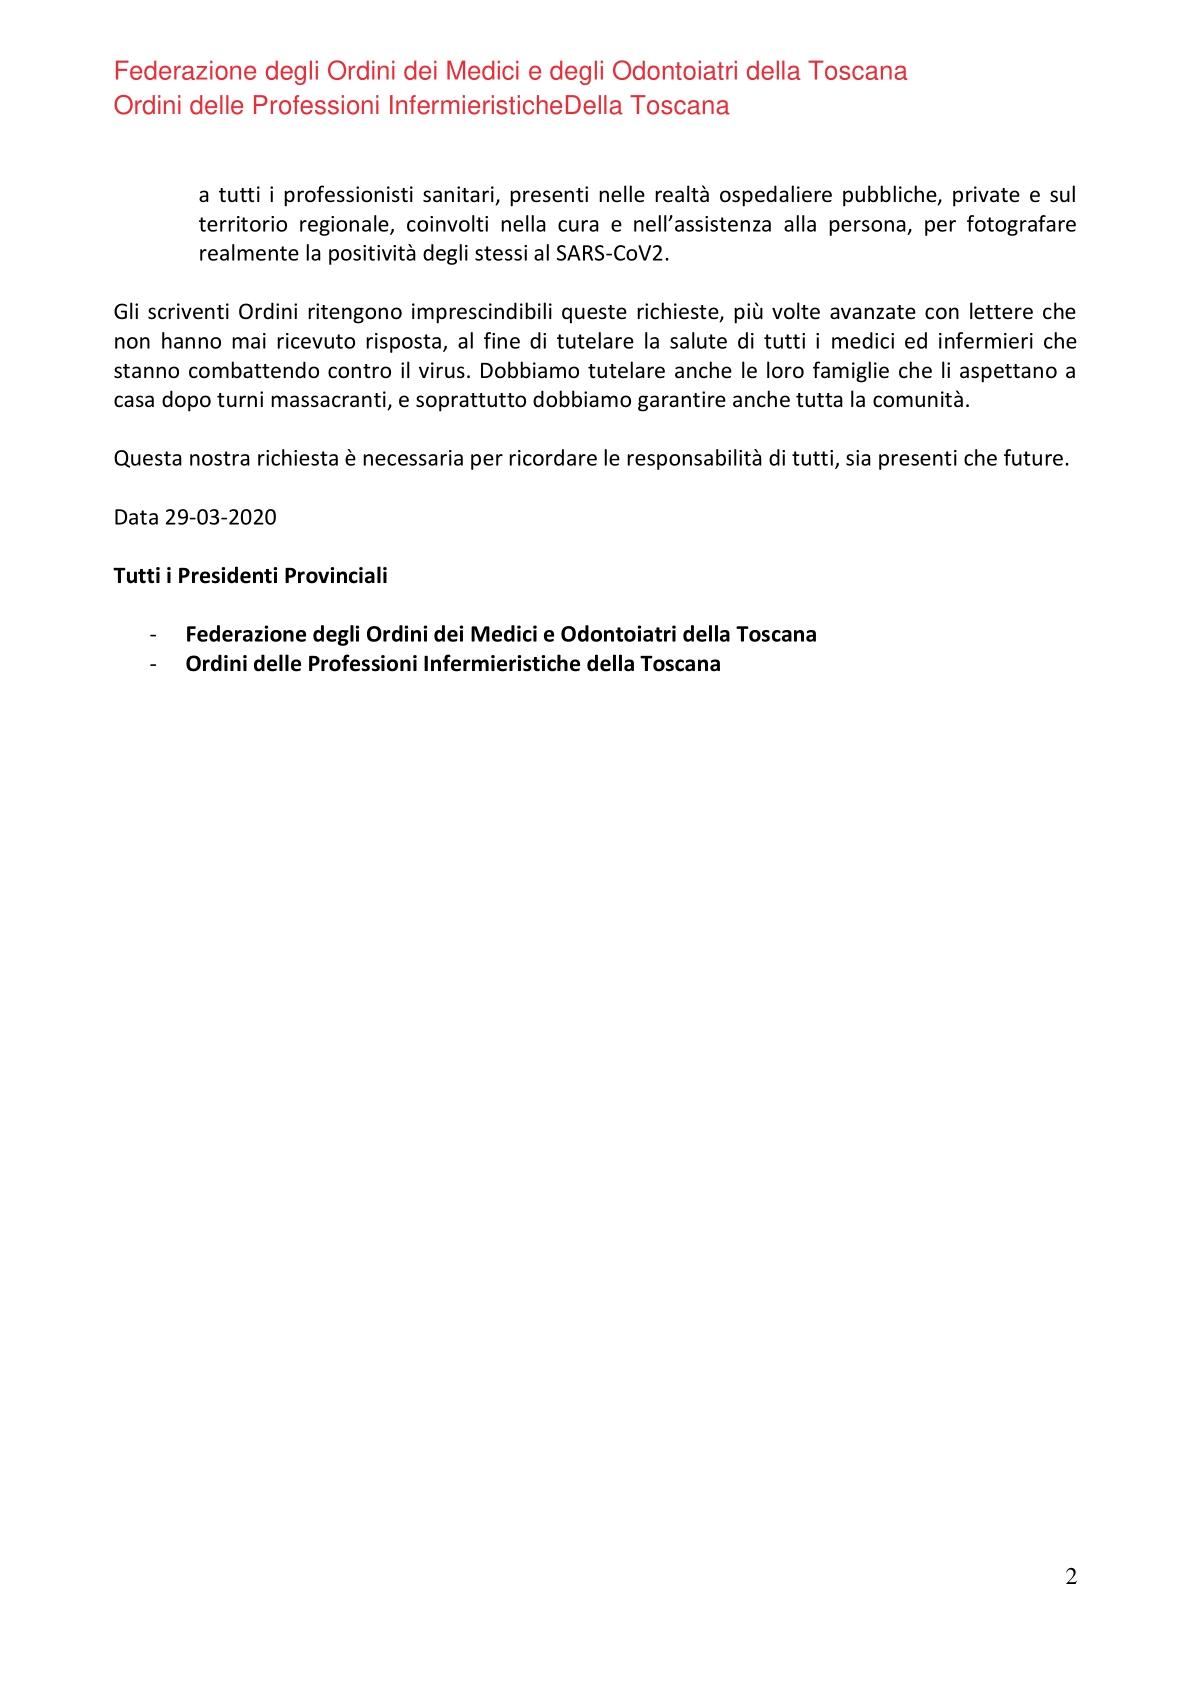 Lettera Aperta Medici e Infermieri Toscani 2